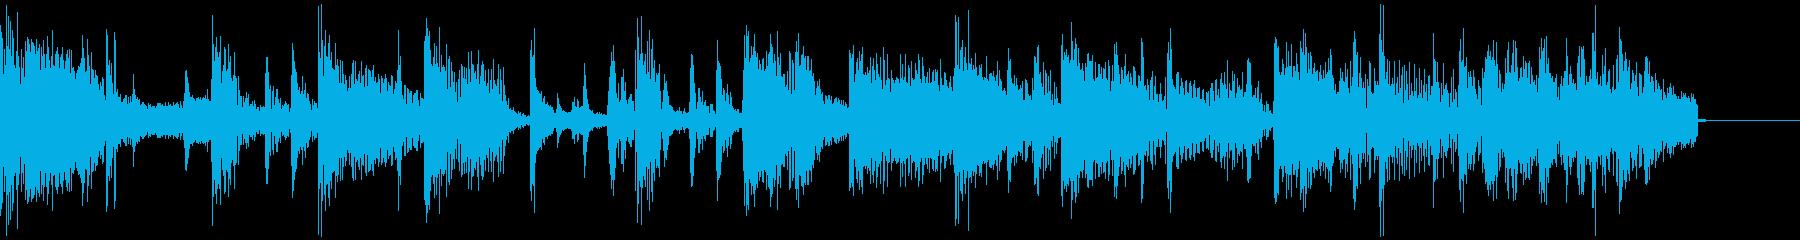 エレピを使ったジングルショートバージョンの再生済みの波形